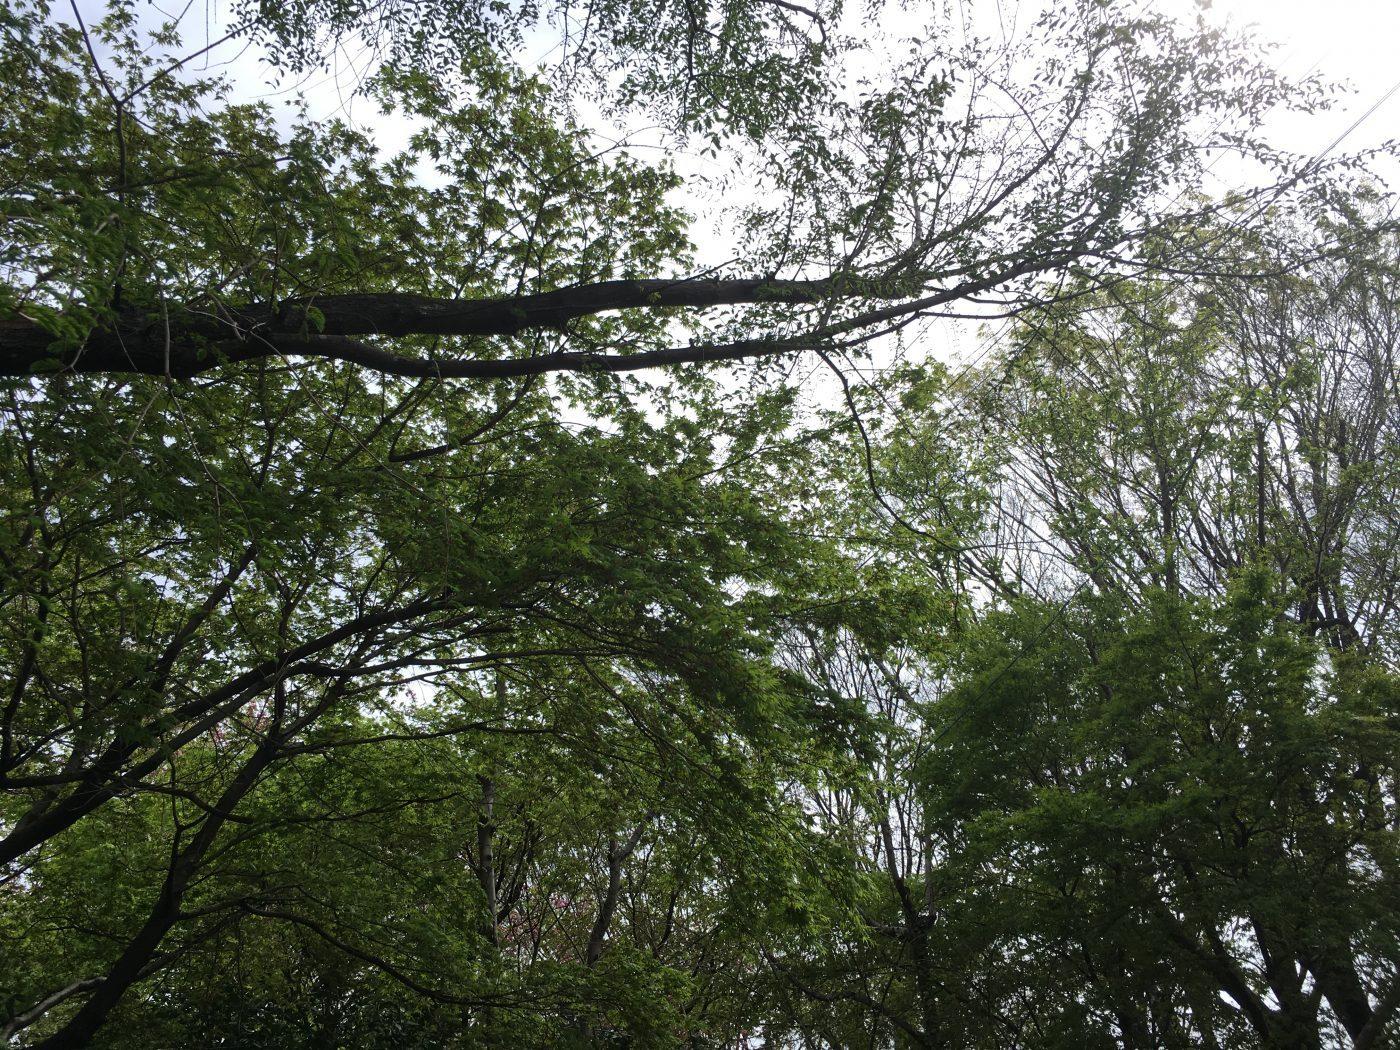 今日(4/18)の有野実苑オートキャンプ場。一気に新芽が開いて、緑がきれいに。